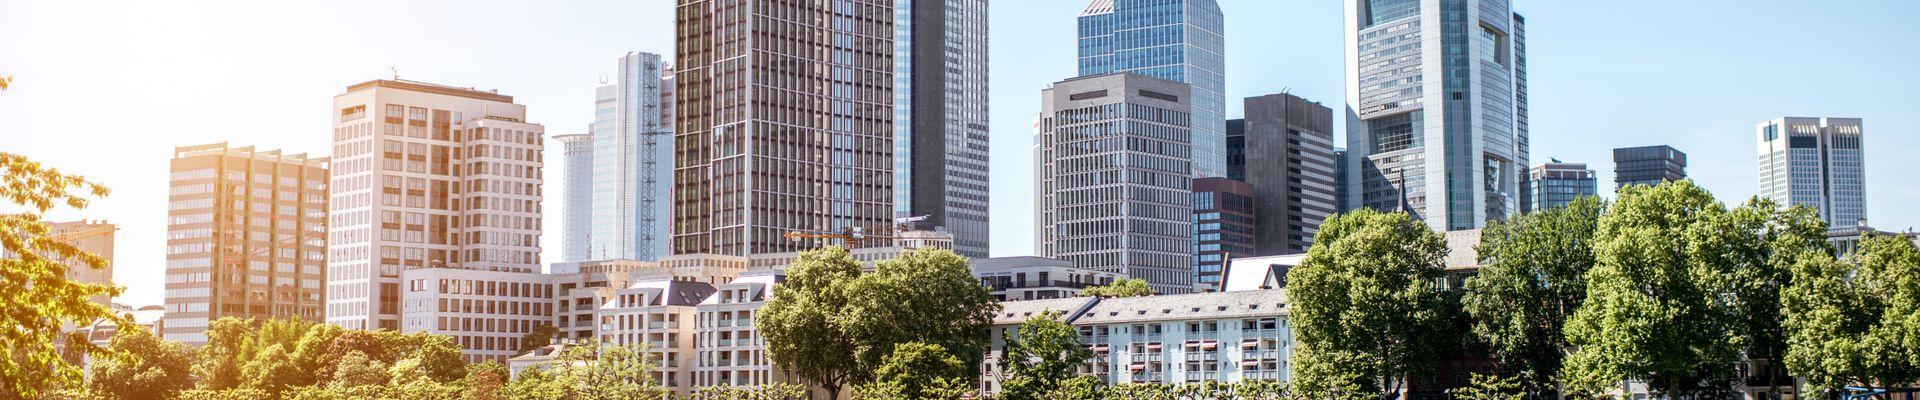 Kurzurlaub in Frankfurt